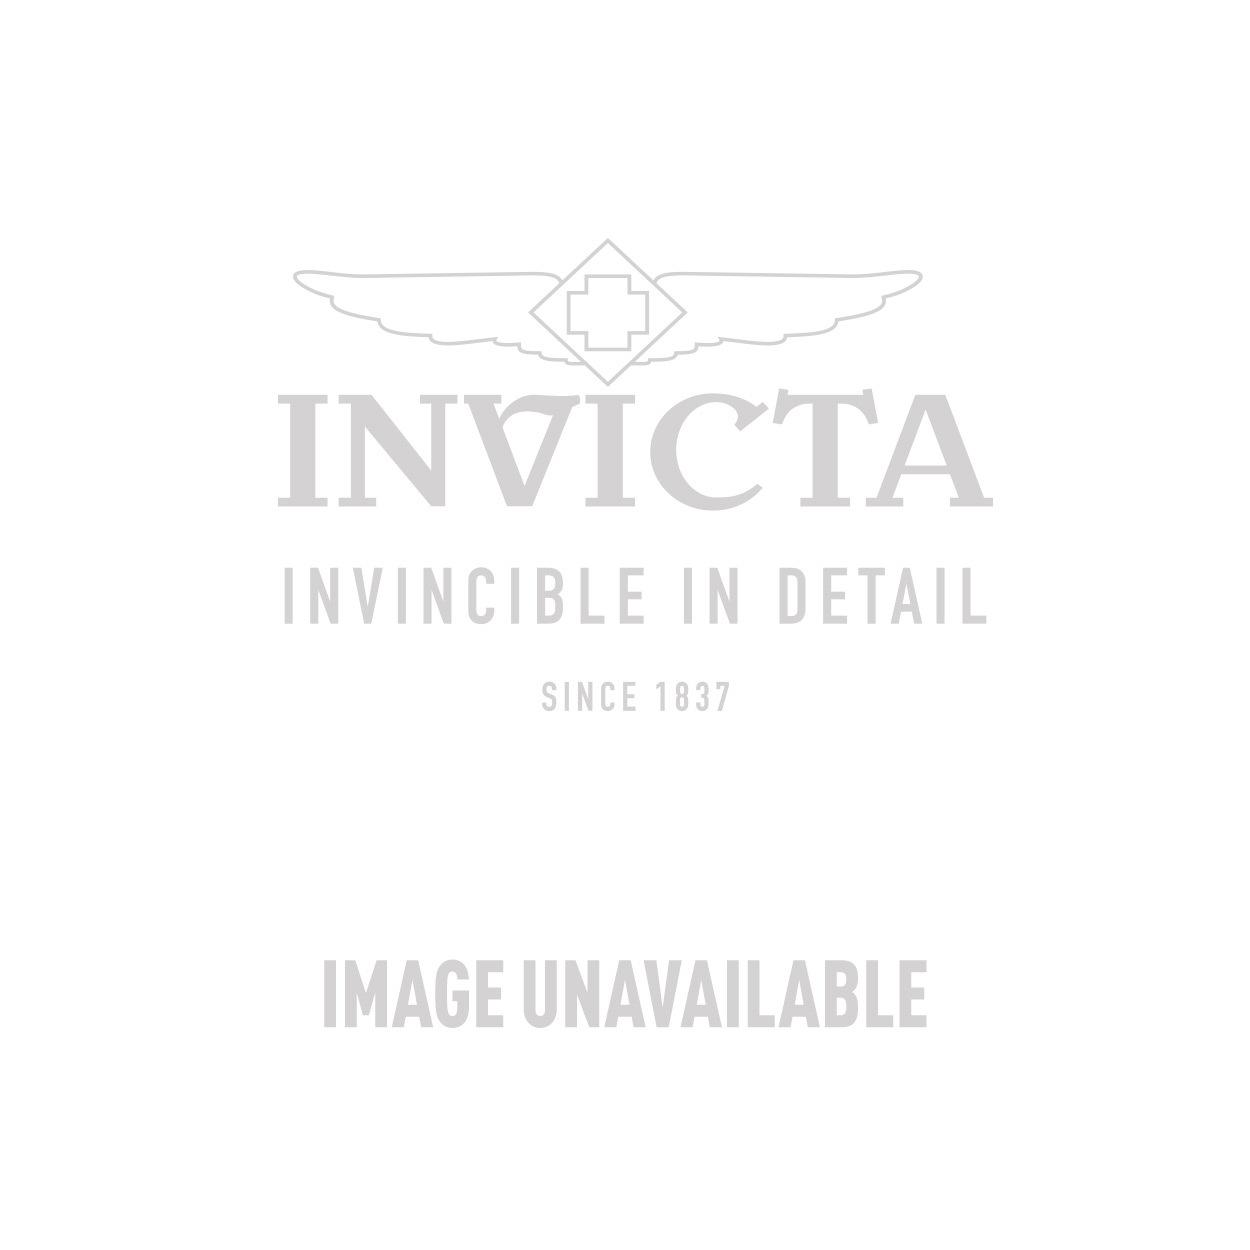 Invicta Model 25733